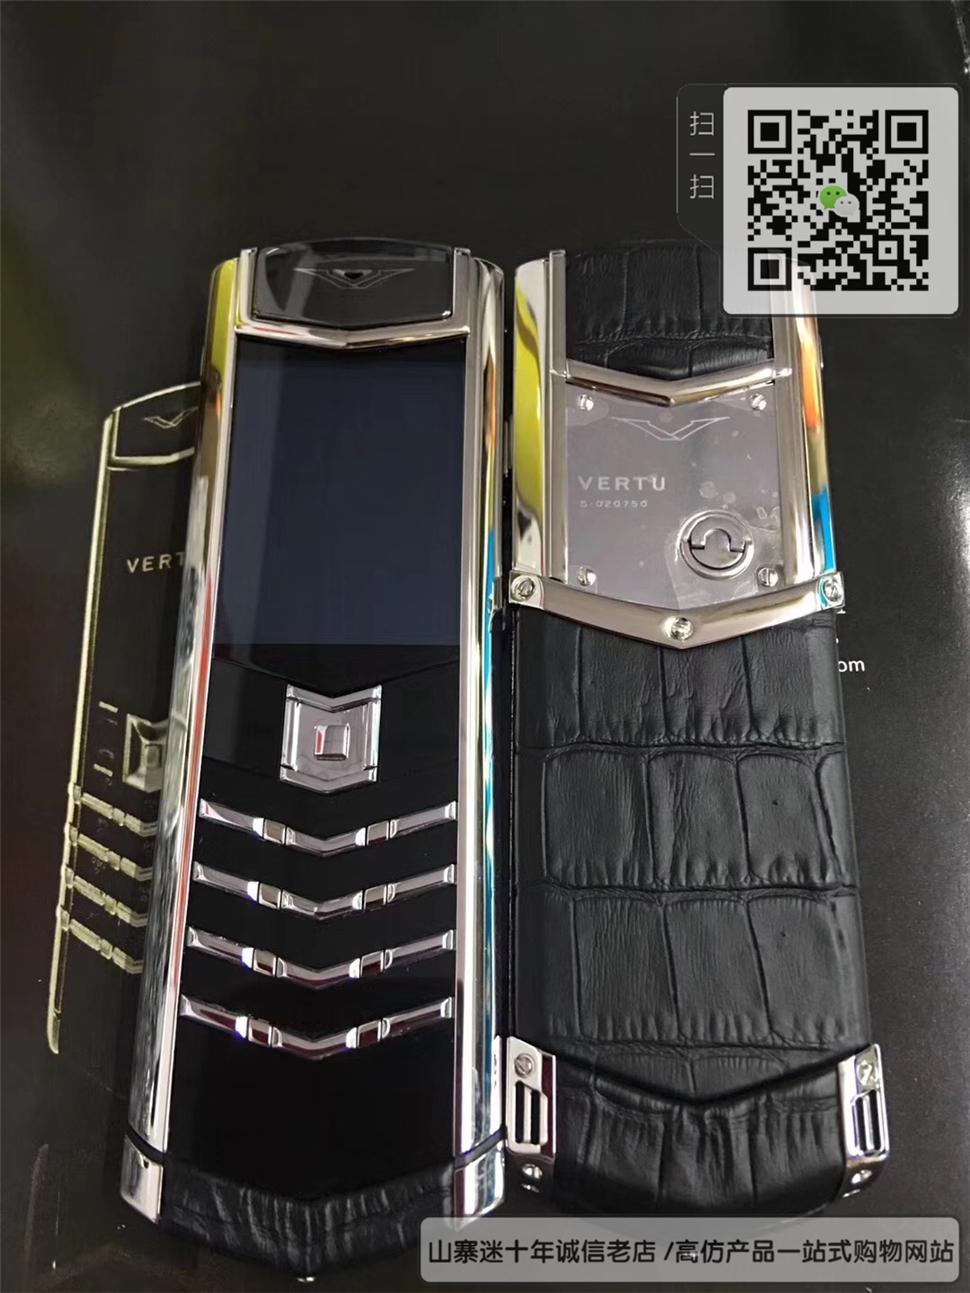 高仿纬图VERTU直板手机-黑色+白金-鳄鱼皮-隐藏键盘 ☼